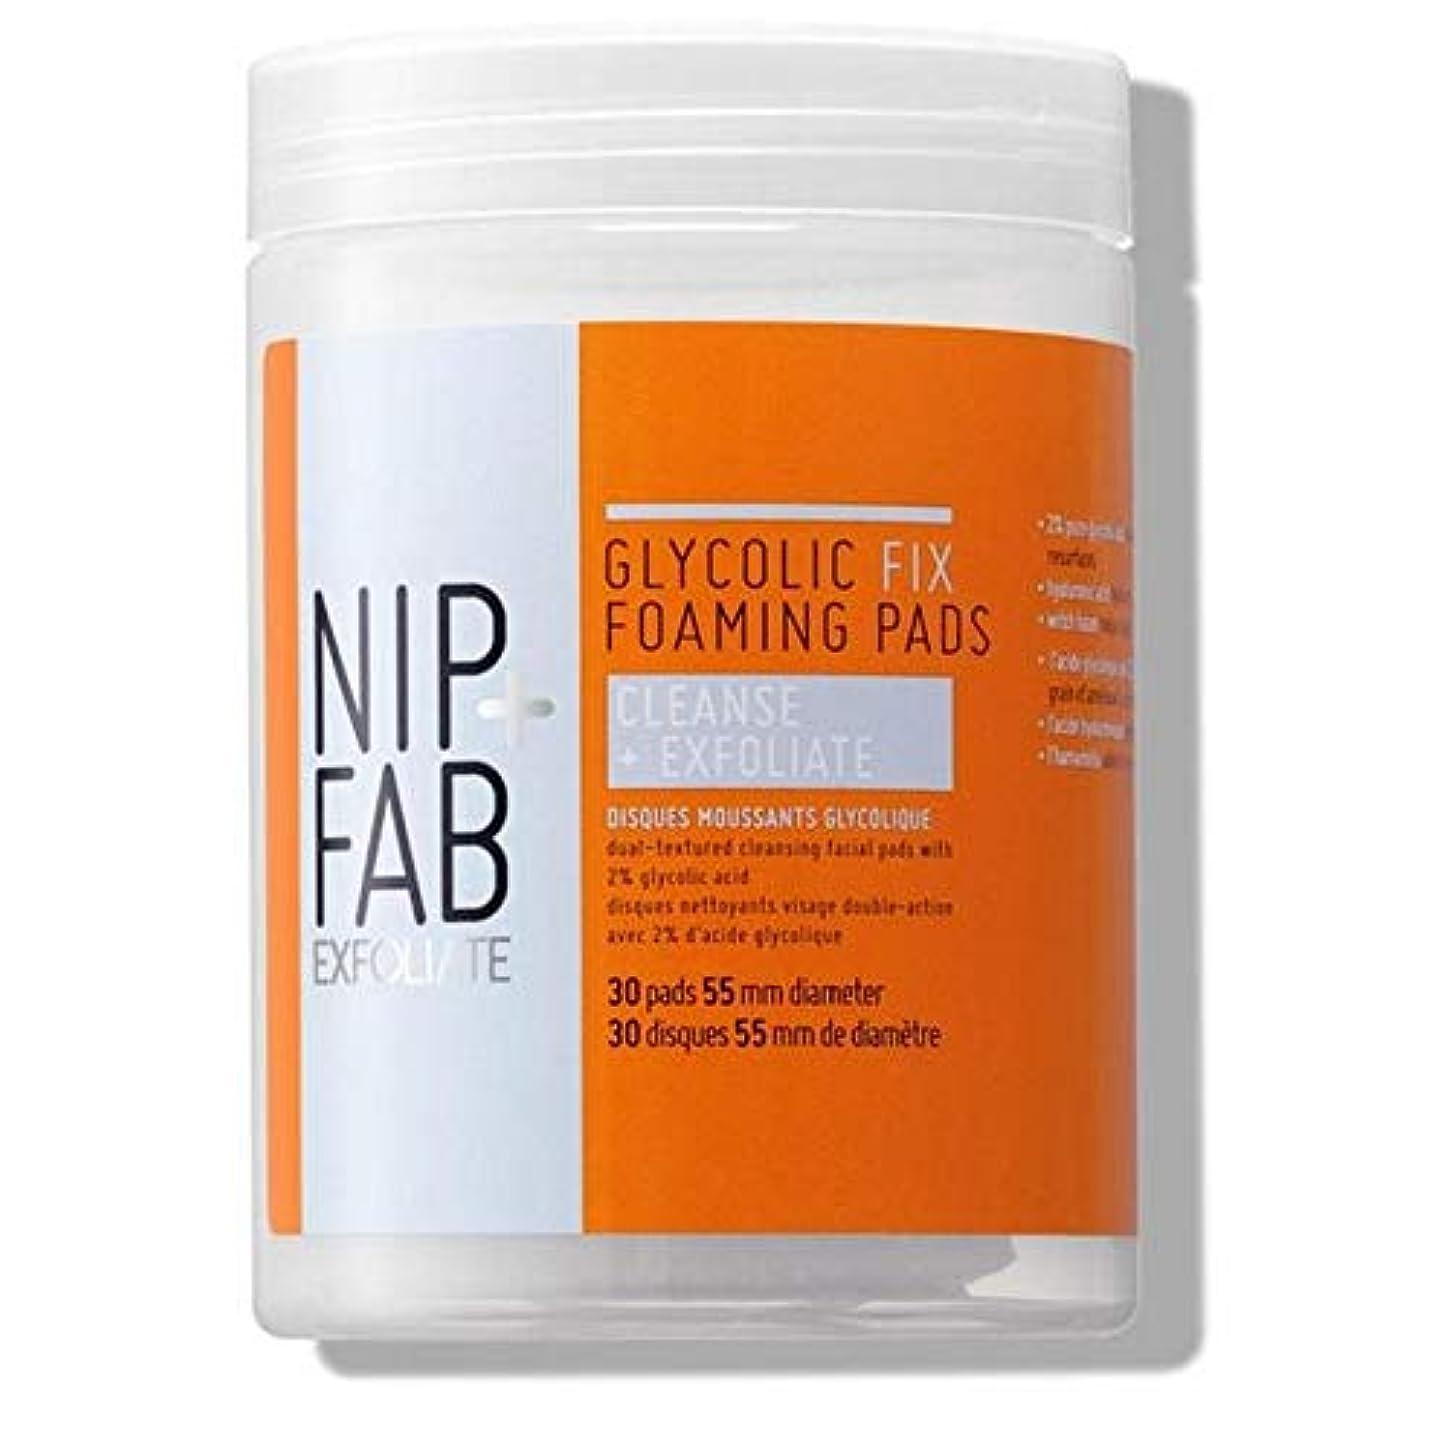 スカイ巻き取り石油[Nip & Fab] + Fabグリコール修正発泡パッド95ミリリットルニップ - Nip+Fab Glycolic Fix Foaming Pads 95ml [並行輸入品]